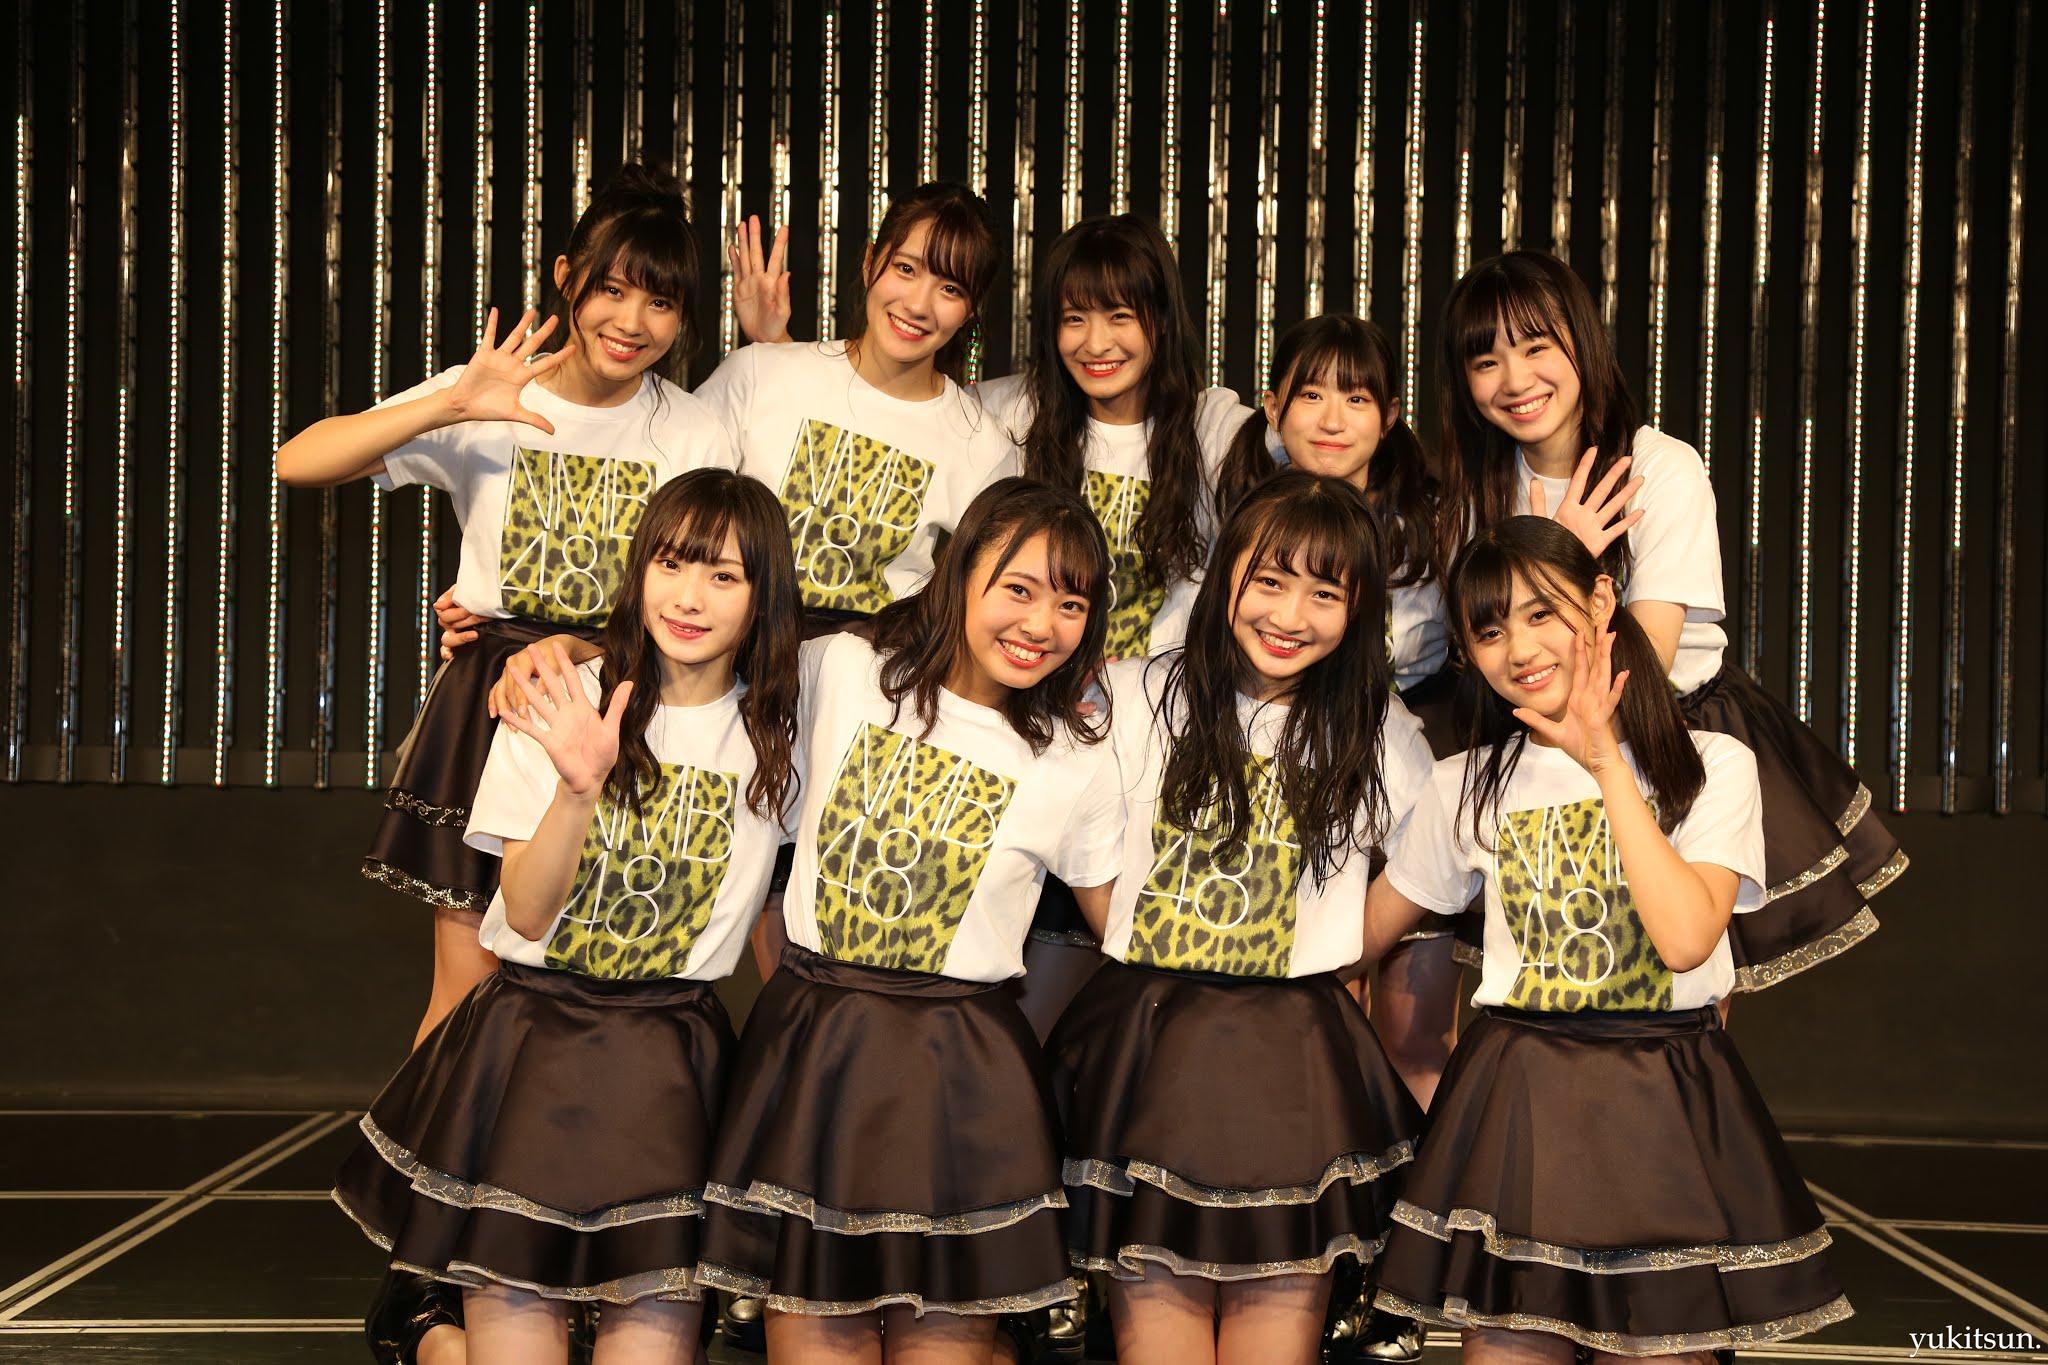 shinjidai-6